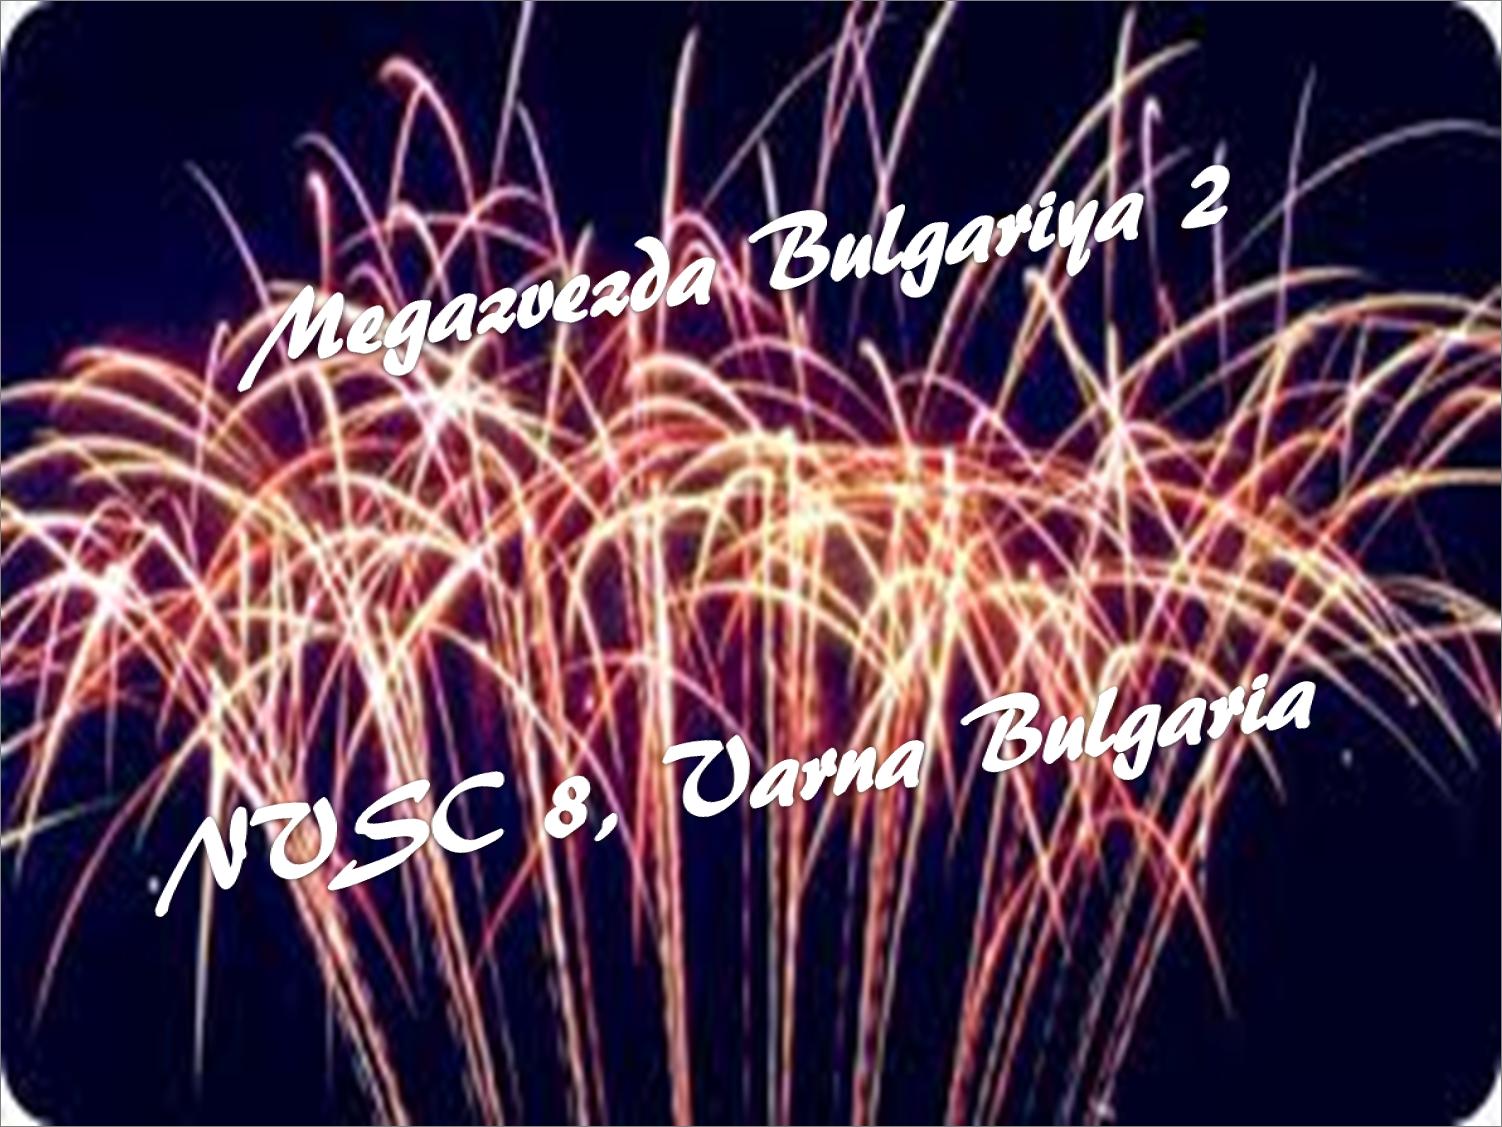 Megazvezda Bulgariya 02